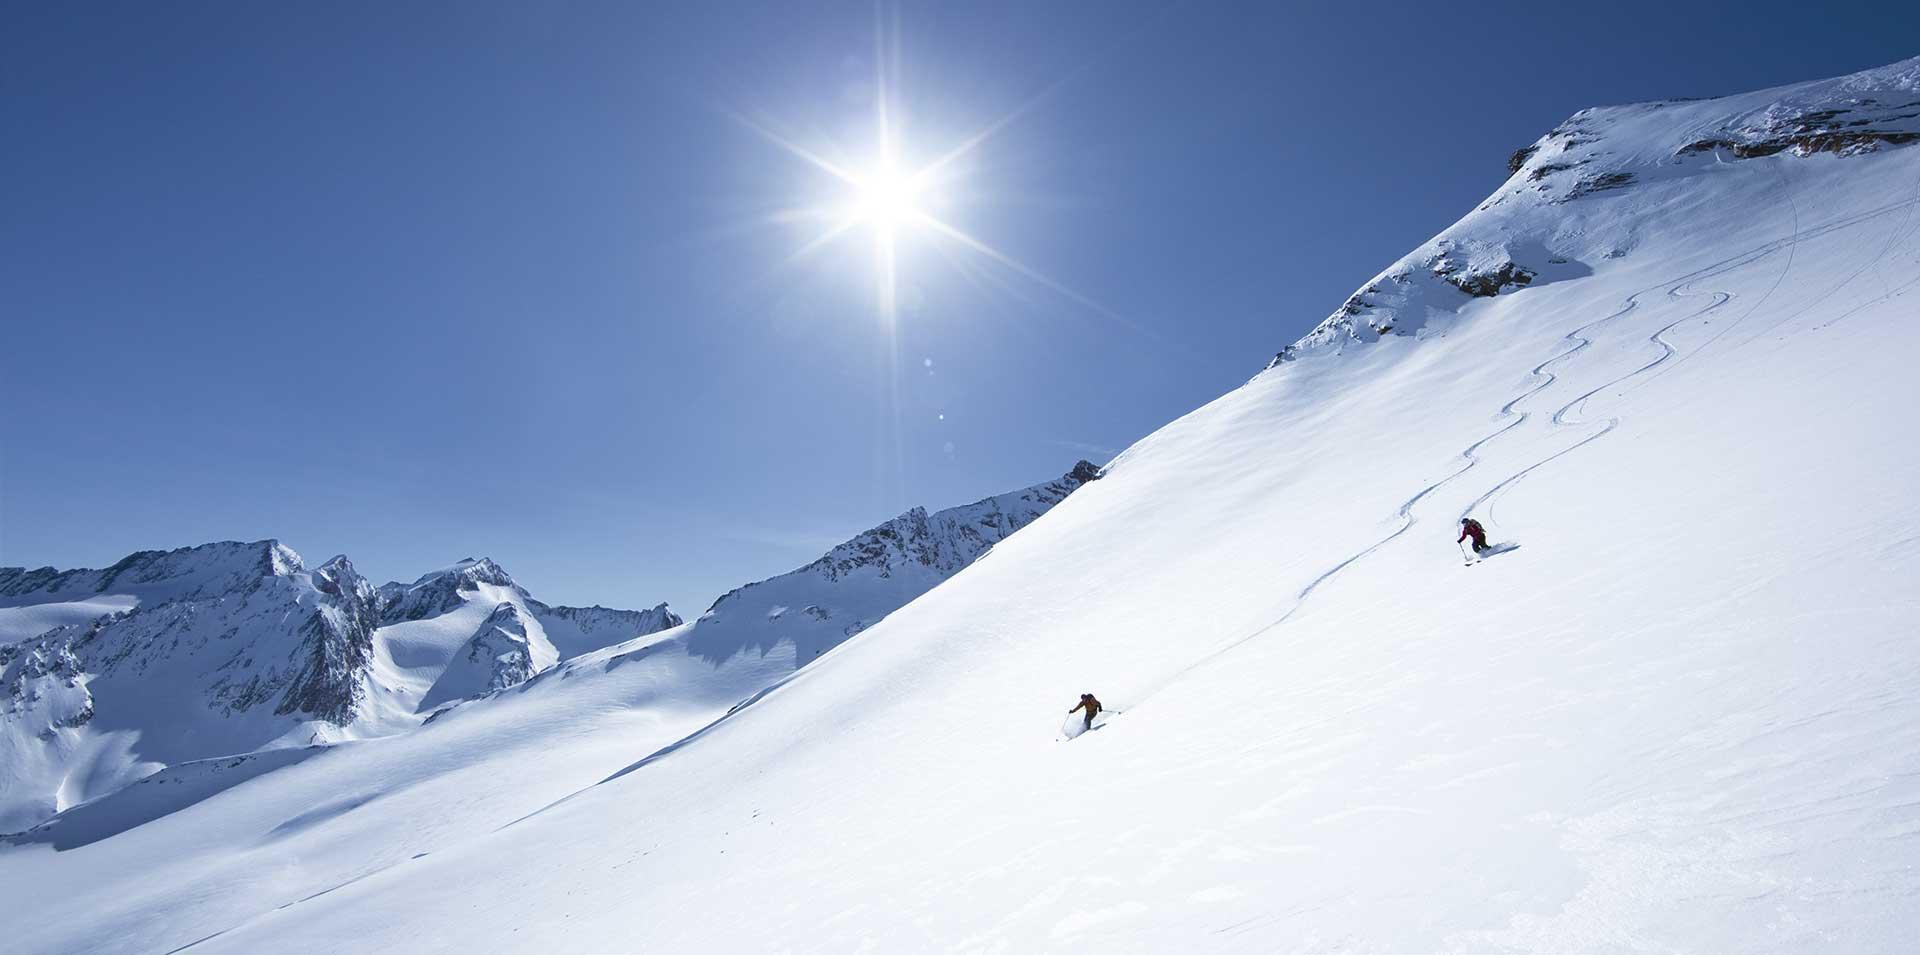 oghg_skitouren_05_11